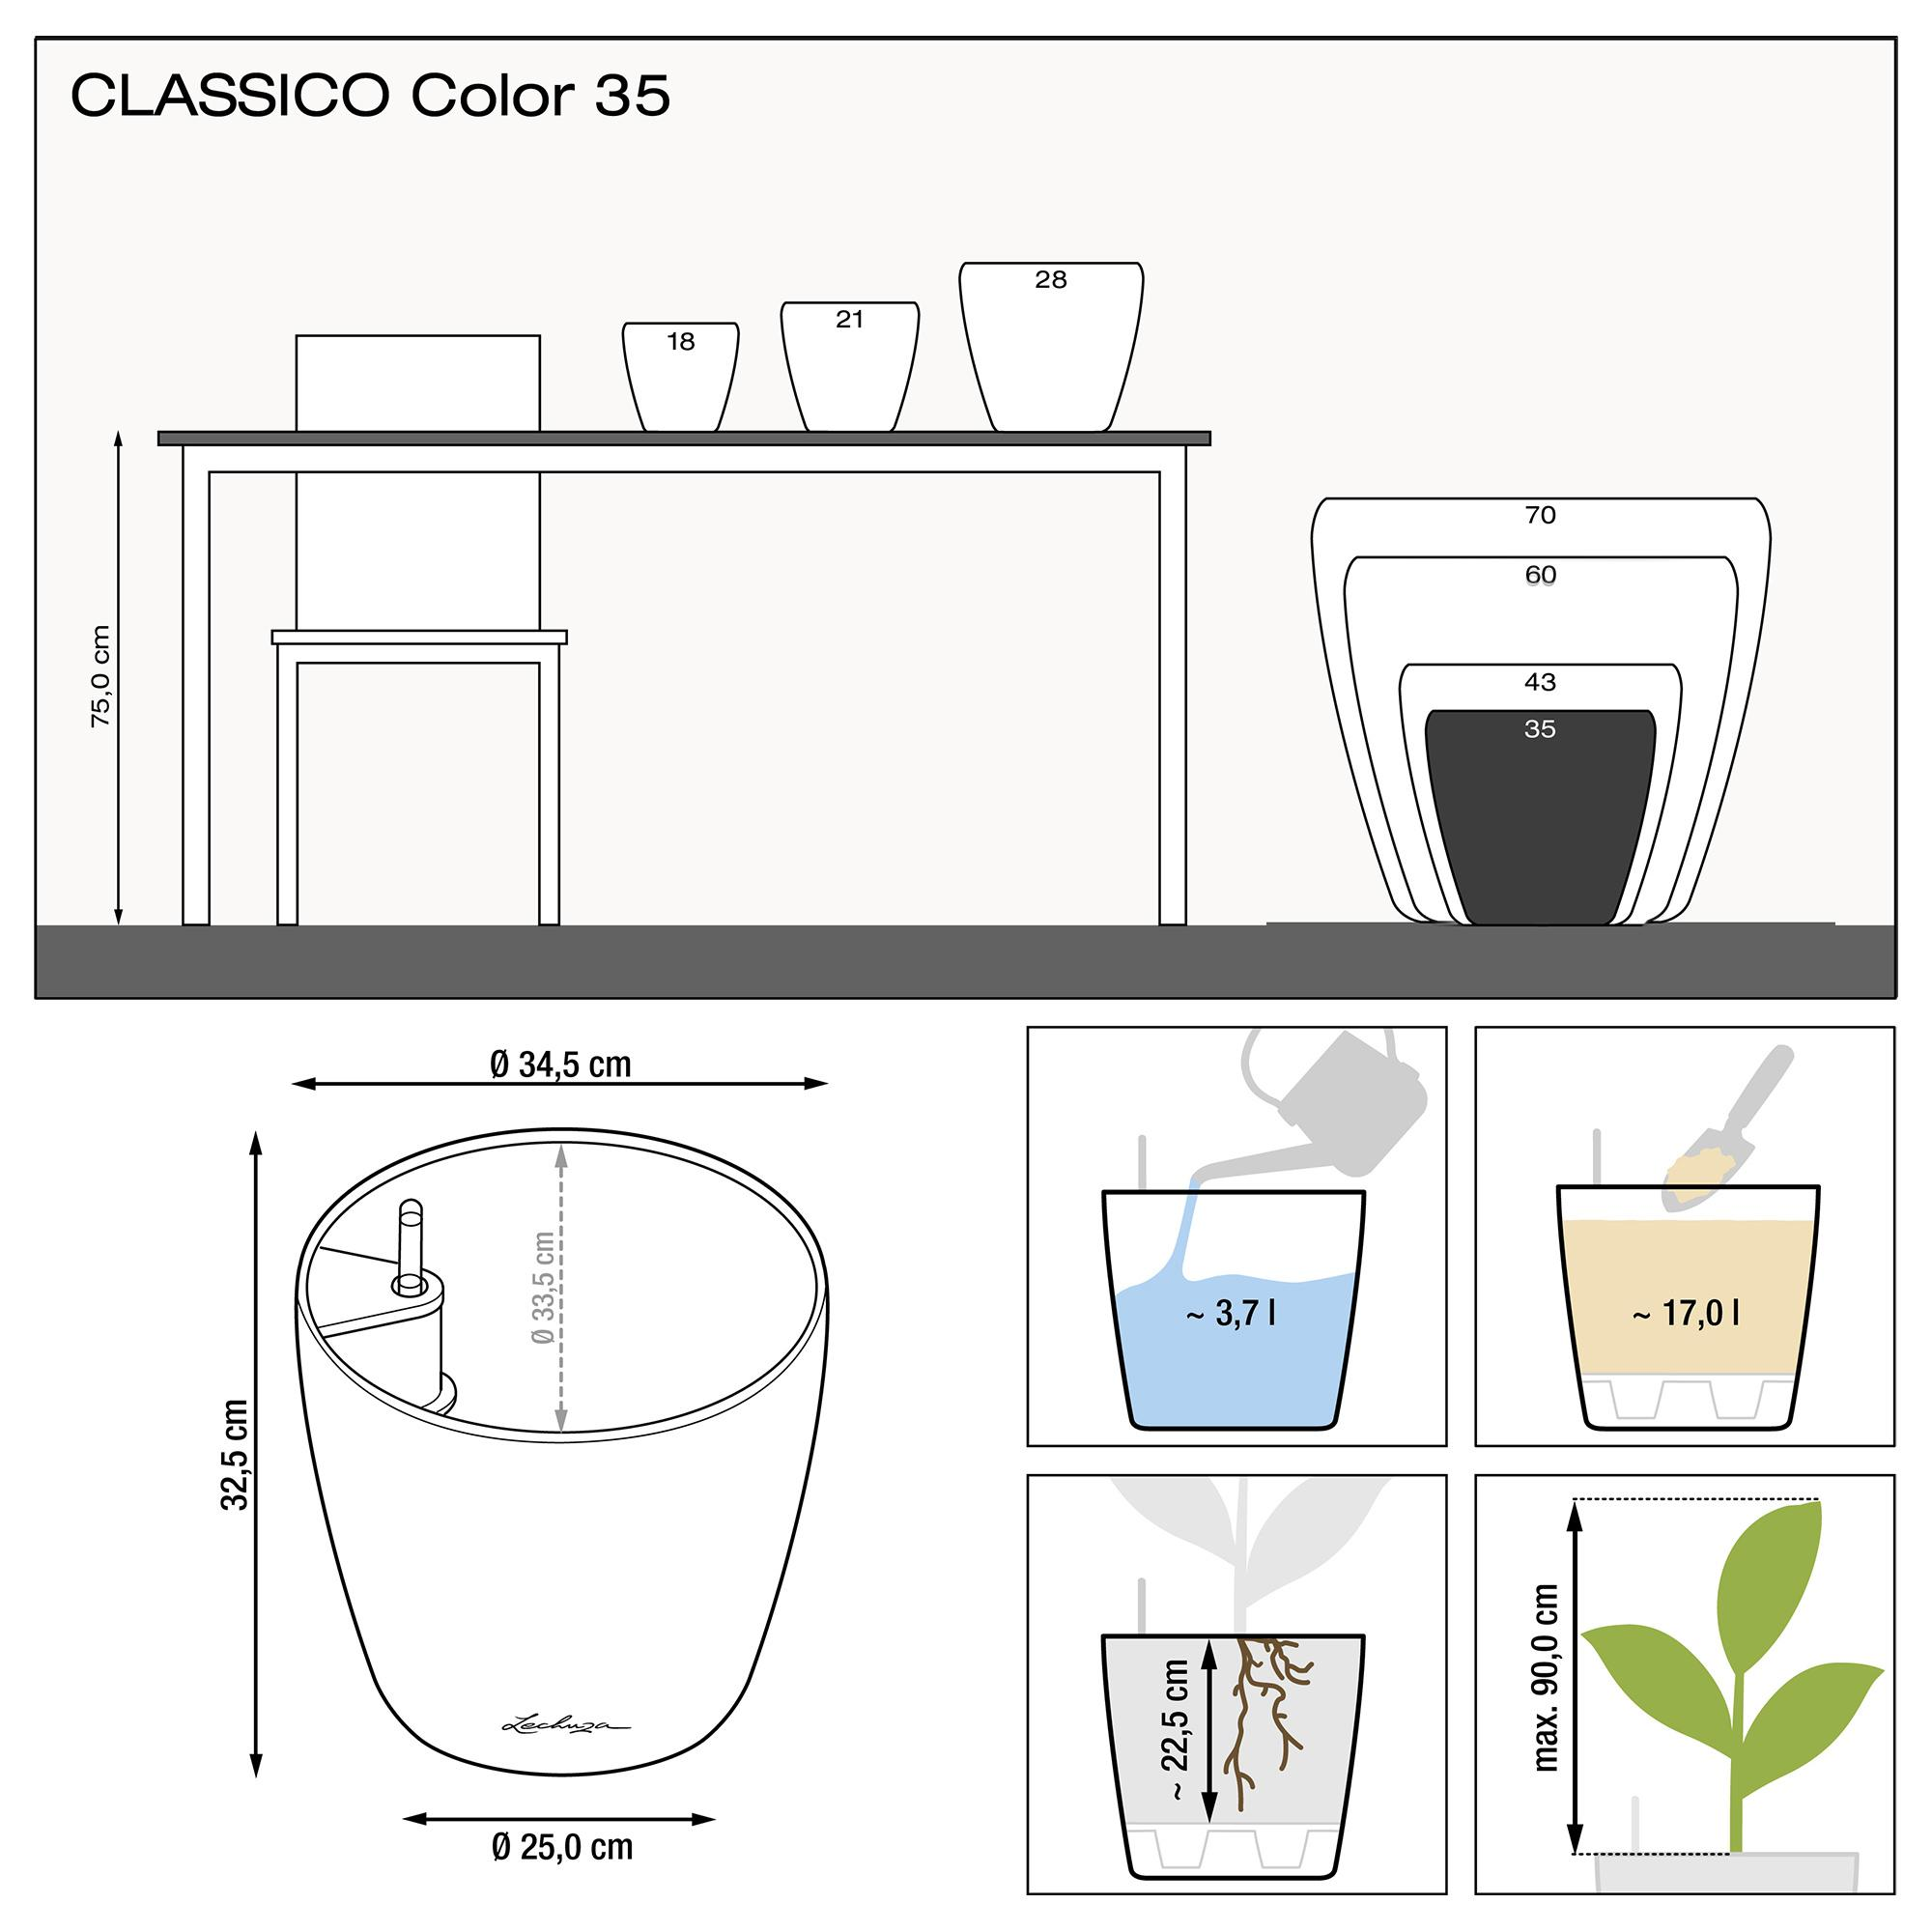 le_classico-color35_product_addi_nz